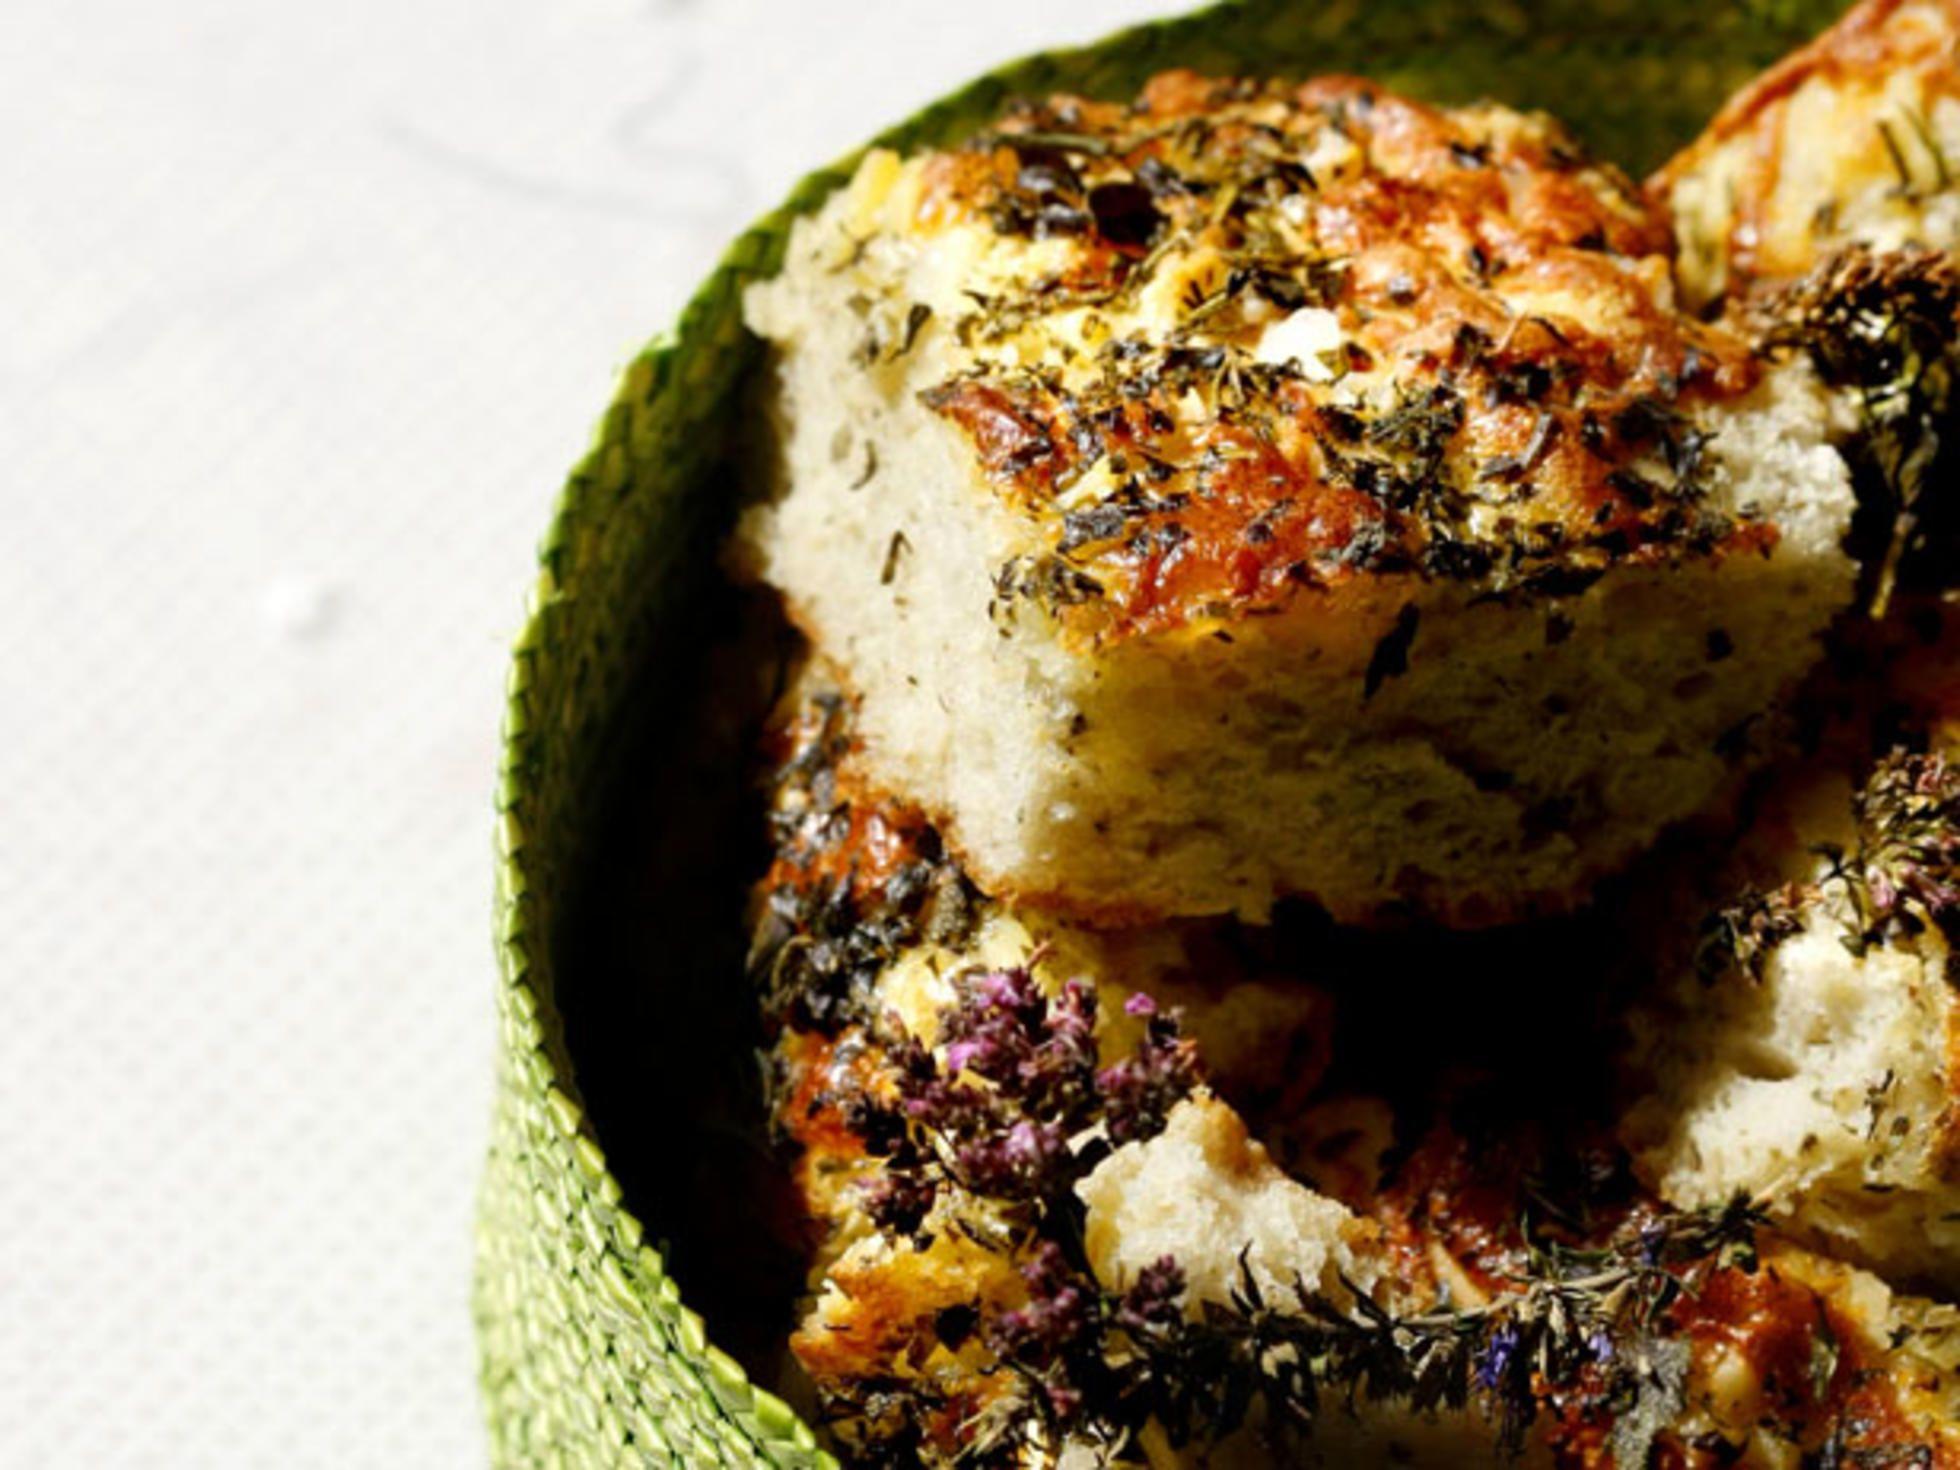 Prøv dette fantastiske urtebrødet. Det er en annen variant av det populære foccacia brødet. Smaker nydelig både til supper og ulike typer salater.Kilde: Fedrelandsvennen